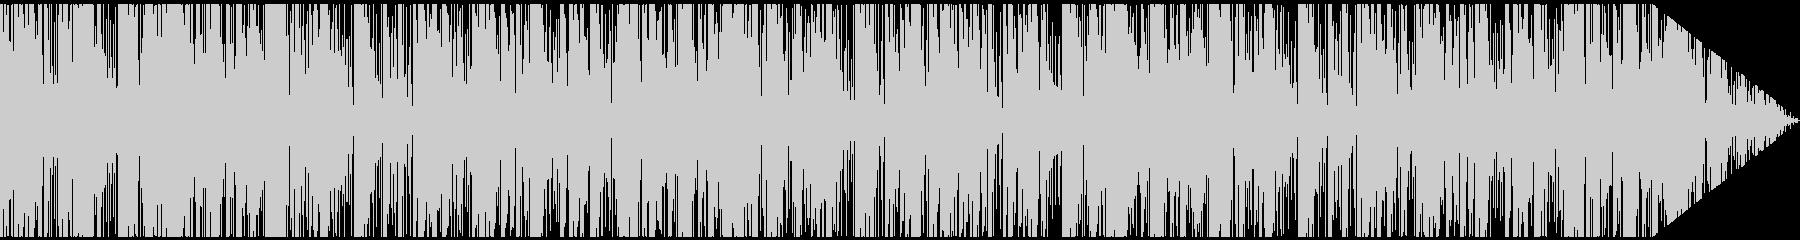 尺八と太鼓からなる音楽の未再生の波形